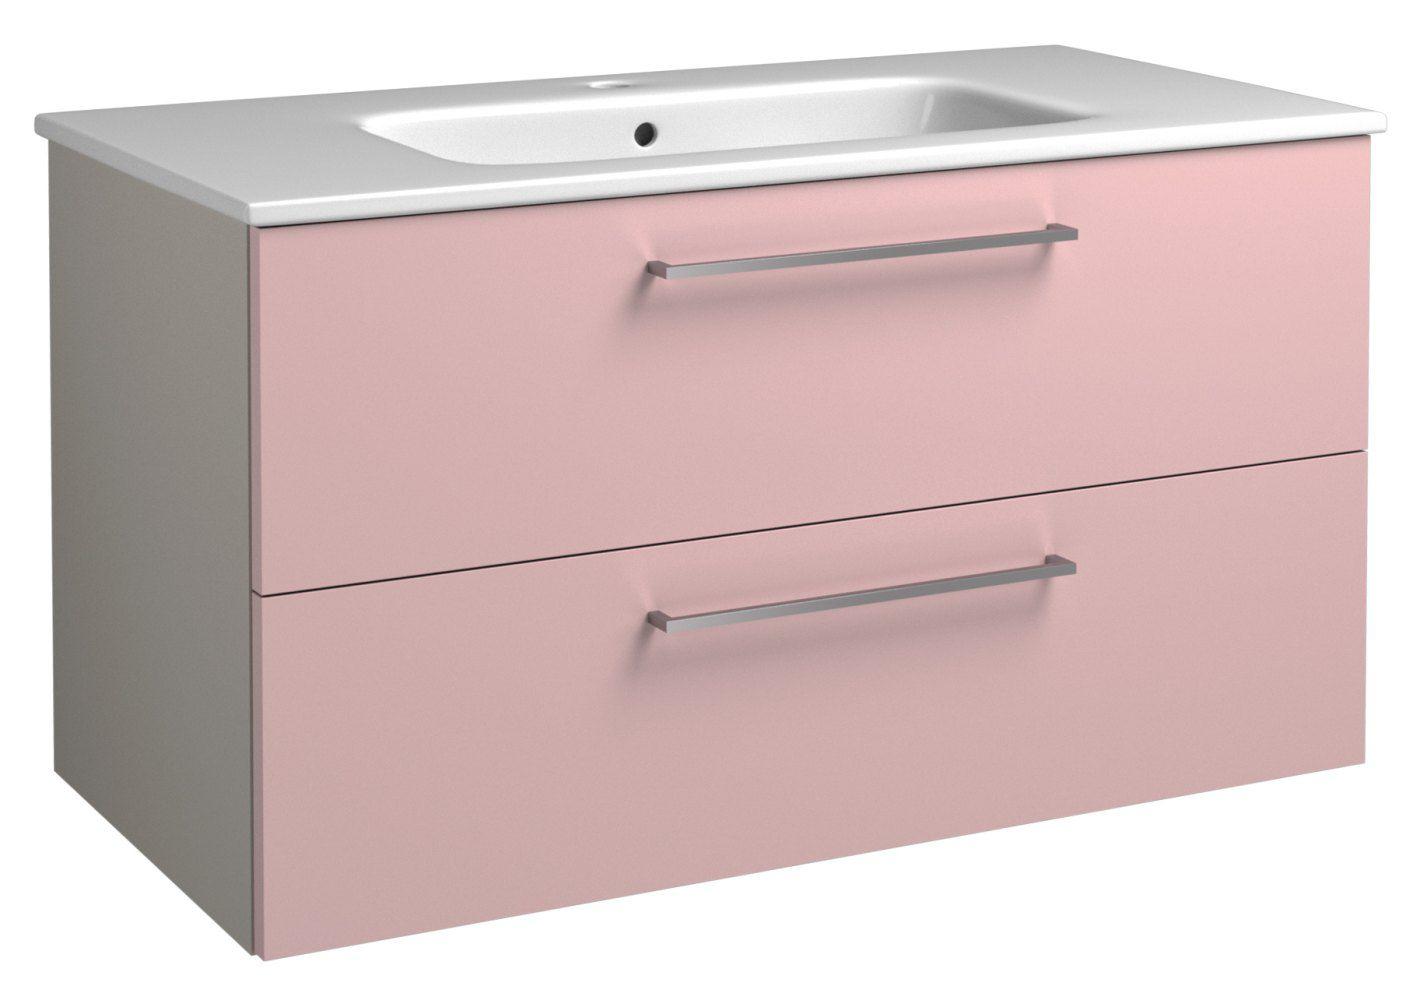 Waschtischunterschrank Noida 20, Farbe: Beige / Rosa – 50 x 91 x 46 cm (H x B x T)